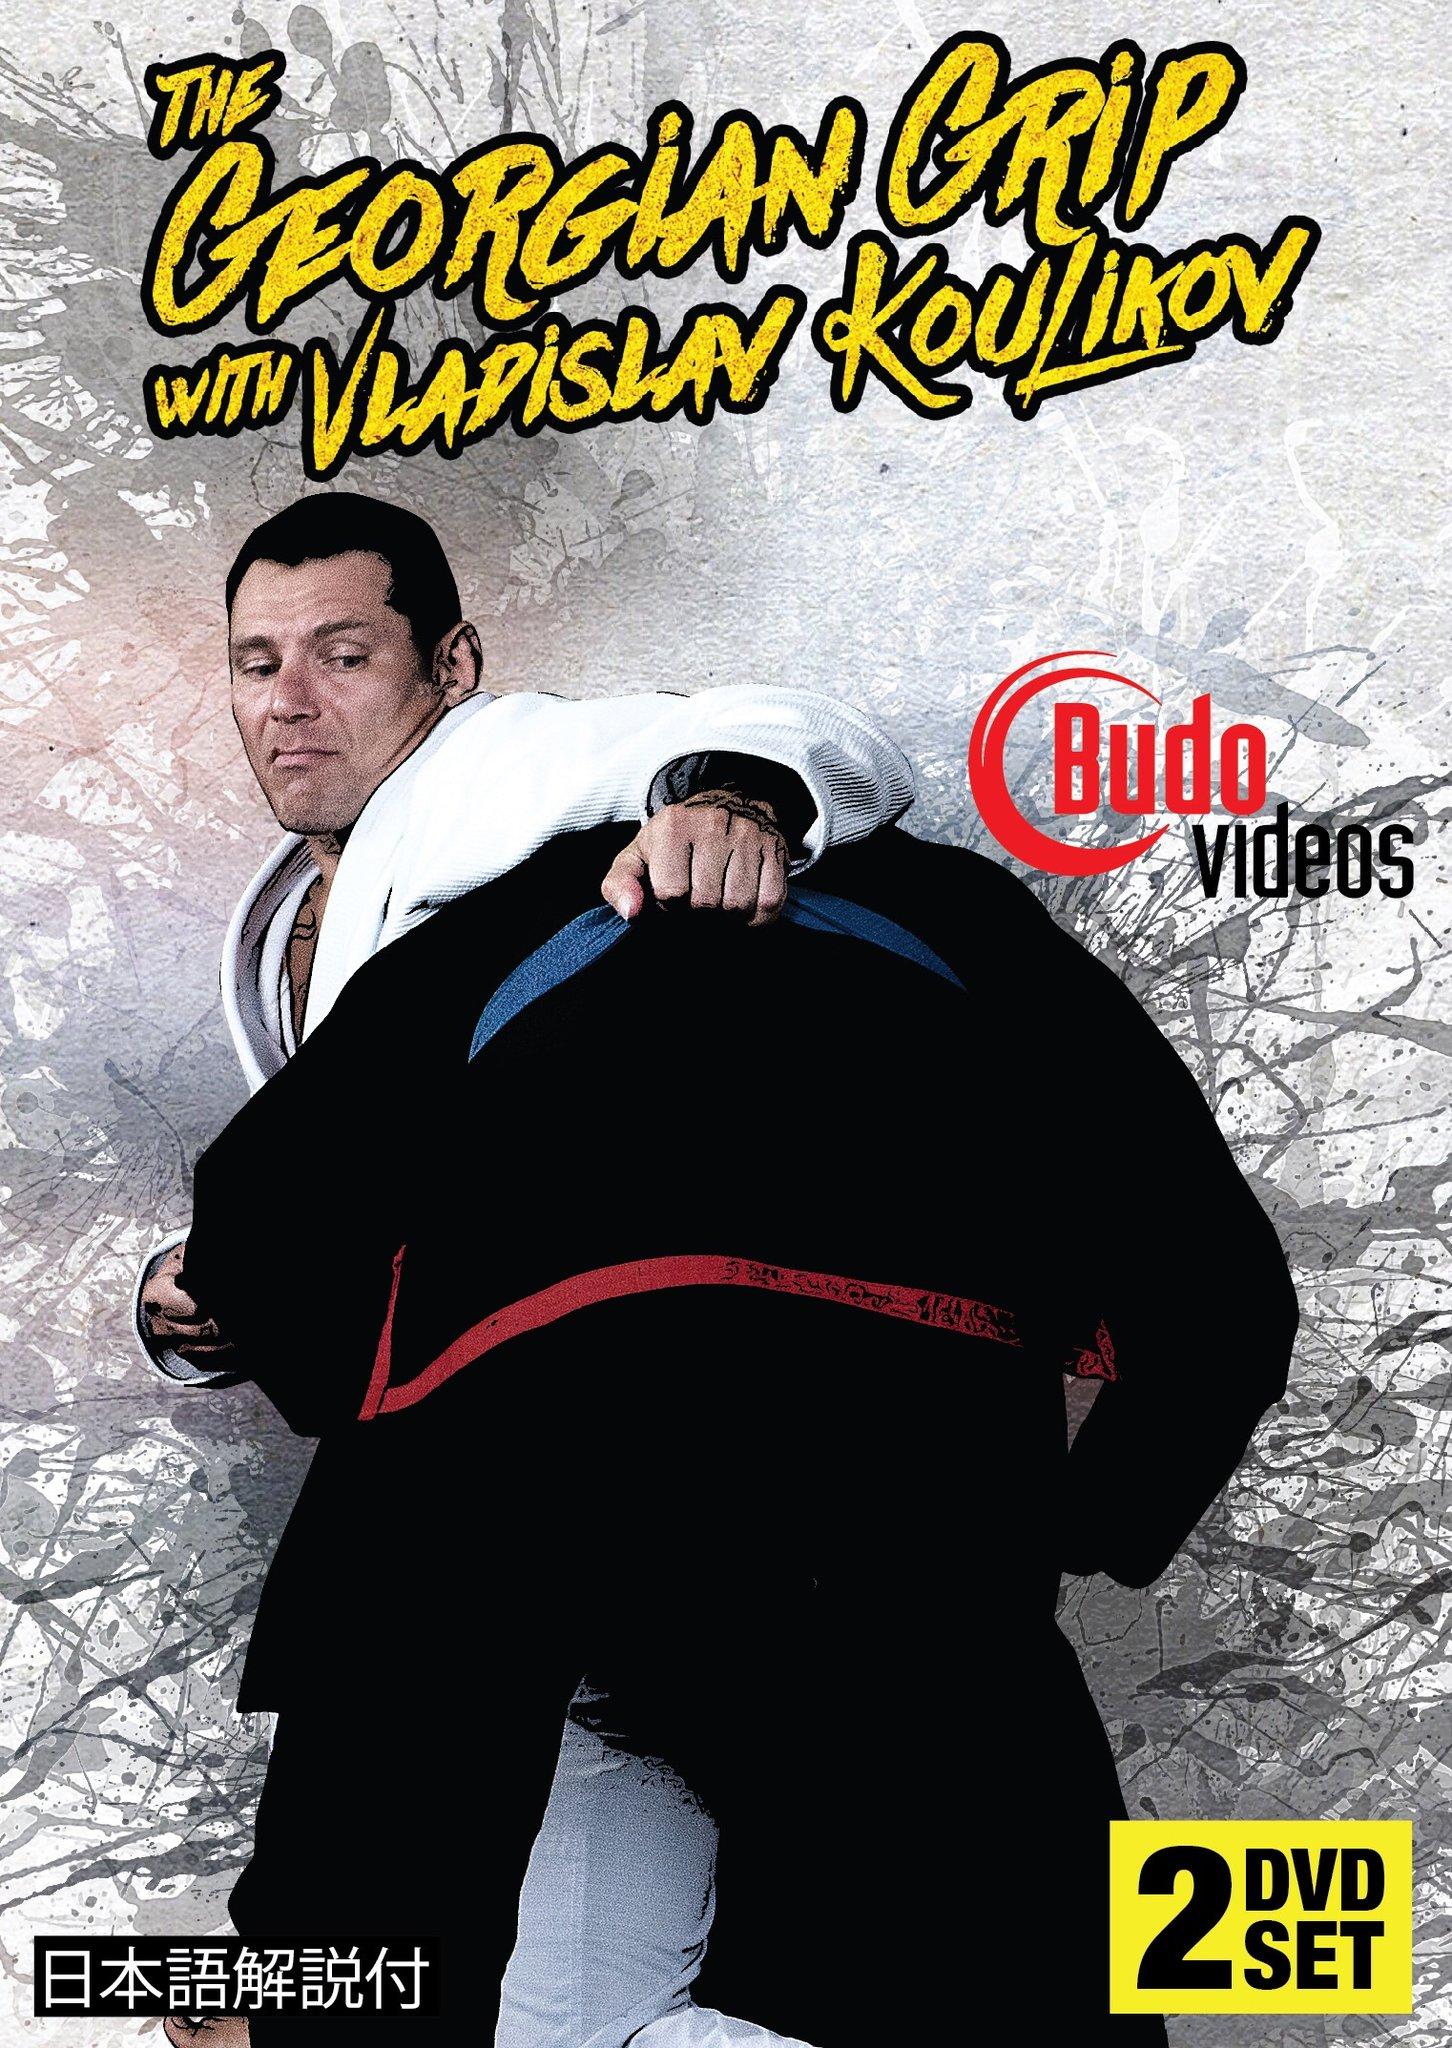 Georgian Grip DVD.jpg